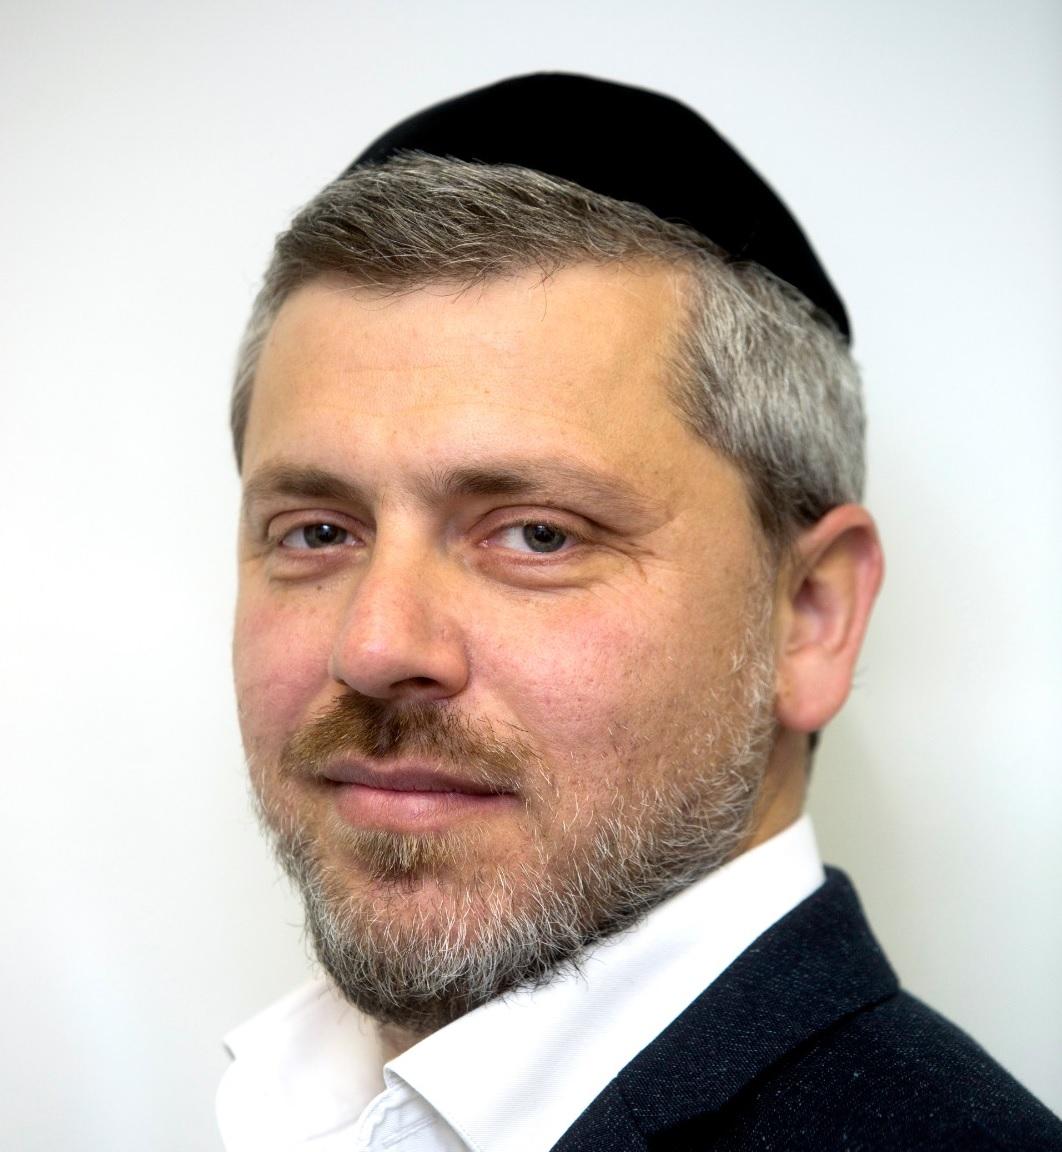 Rabbi Noach Paley